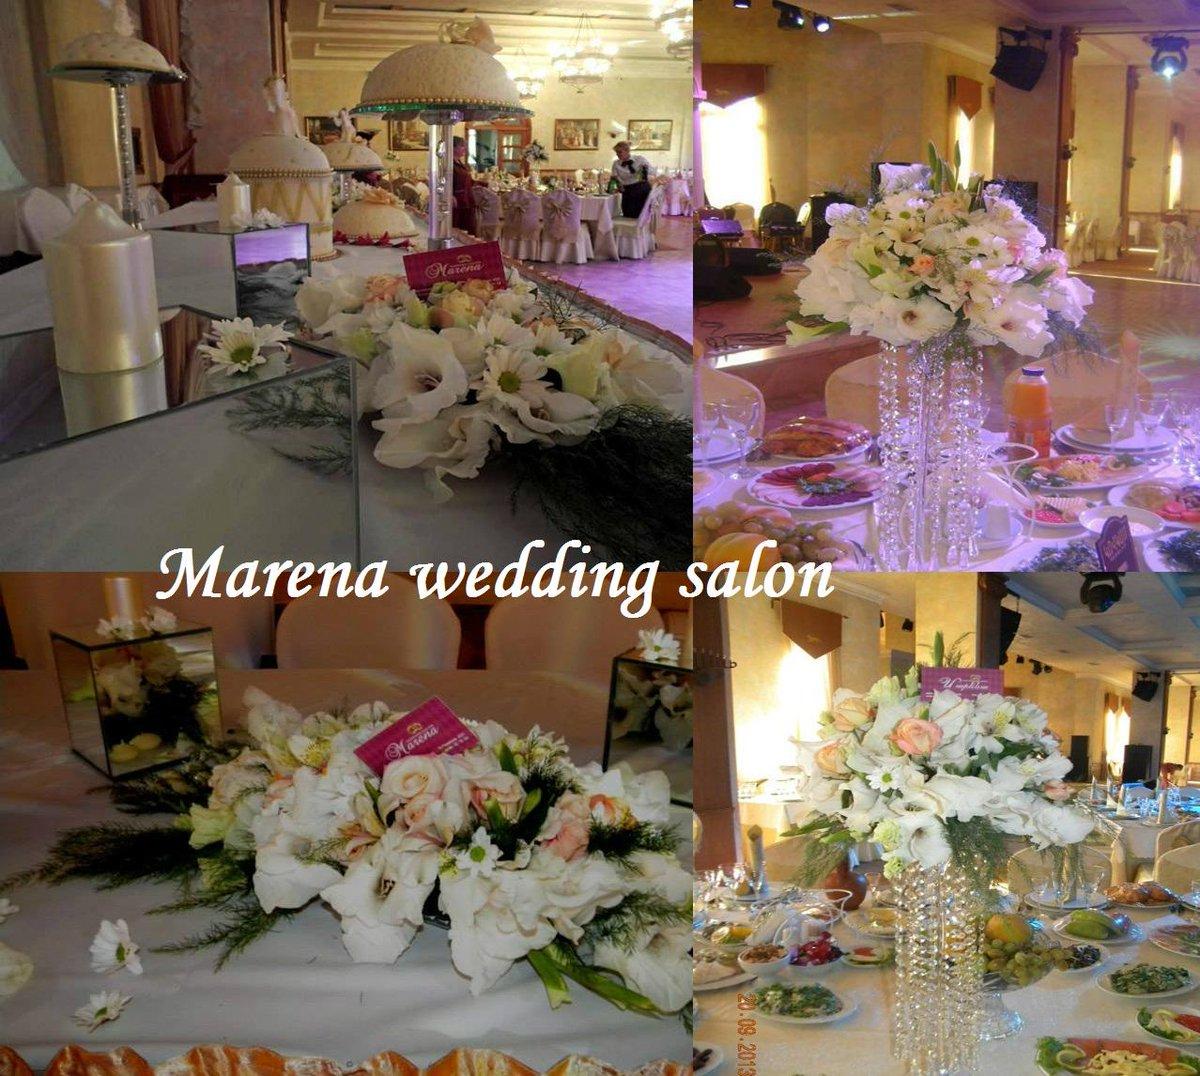 Marena Wedding Salon On Twitter Wedding Floral Design